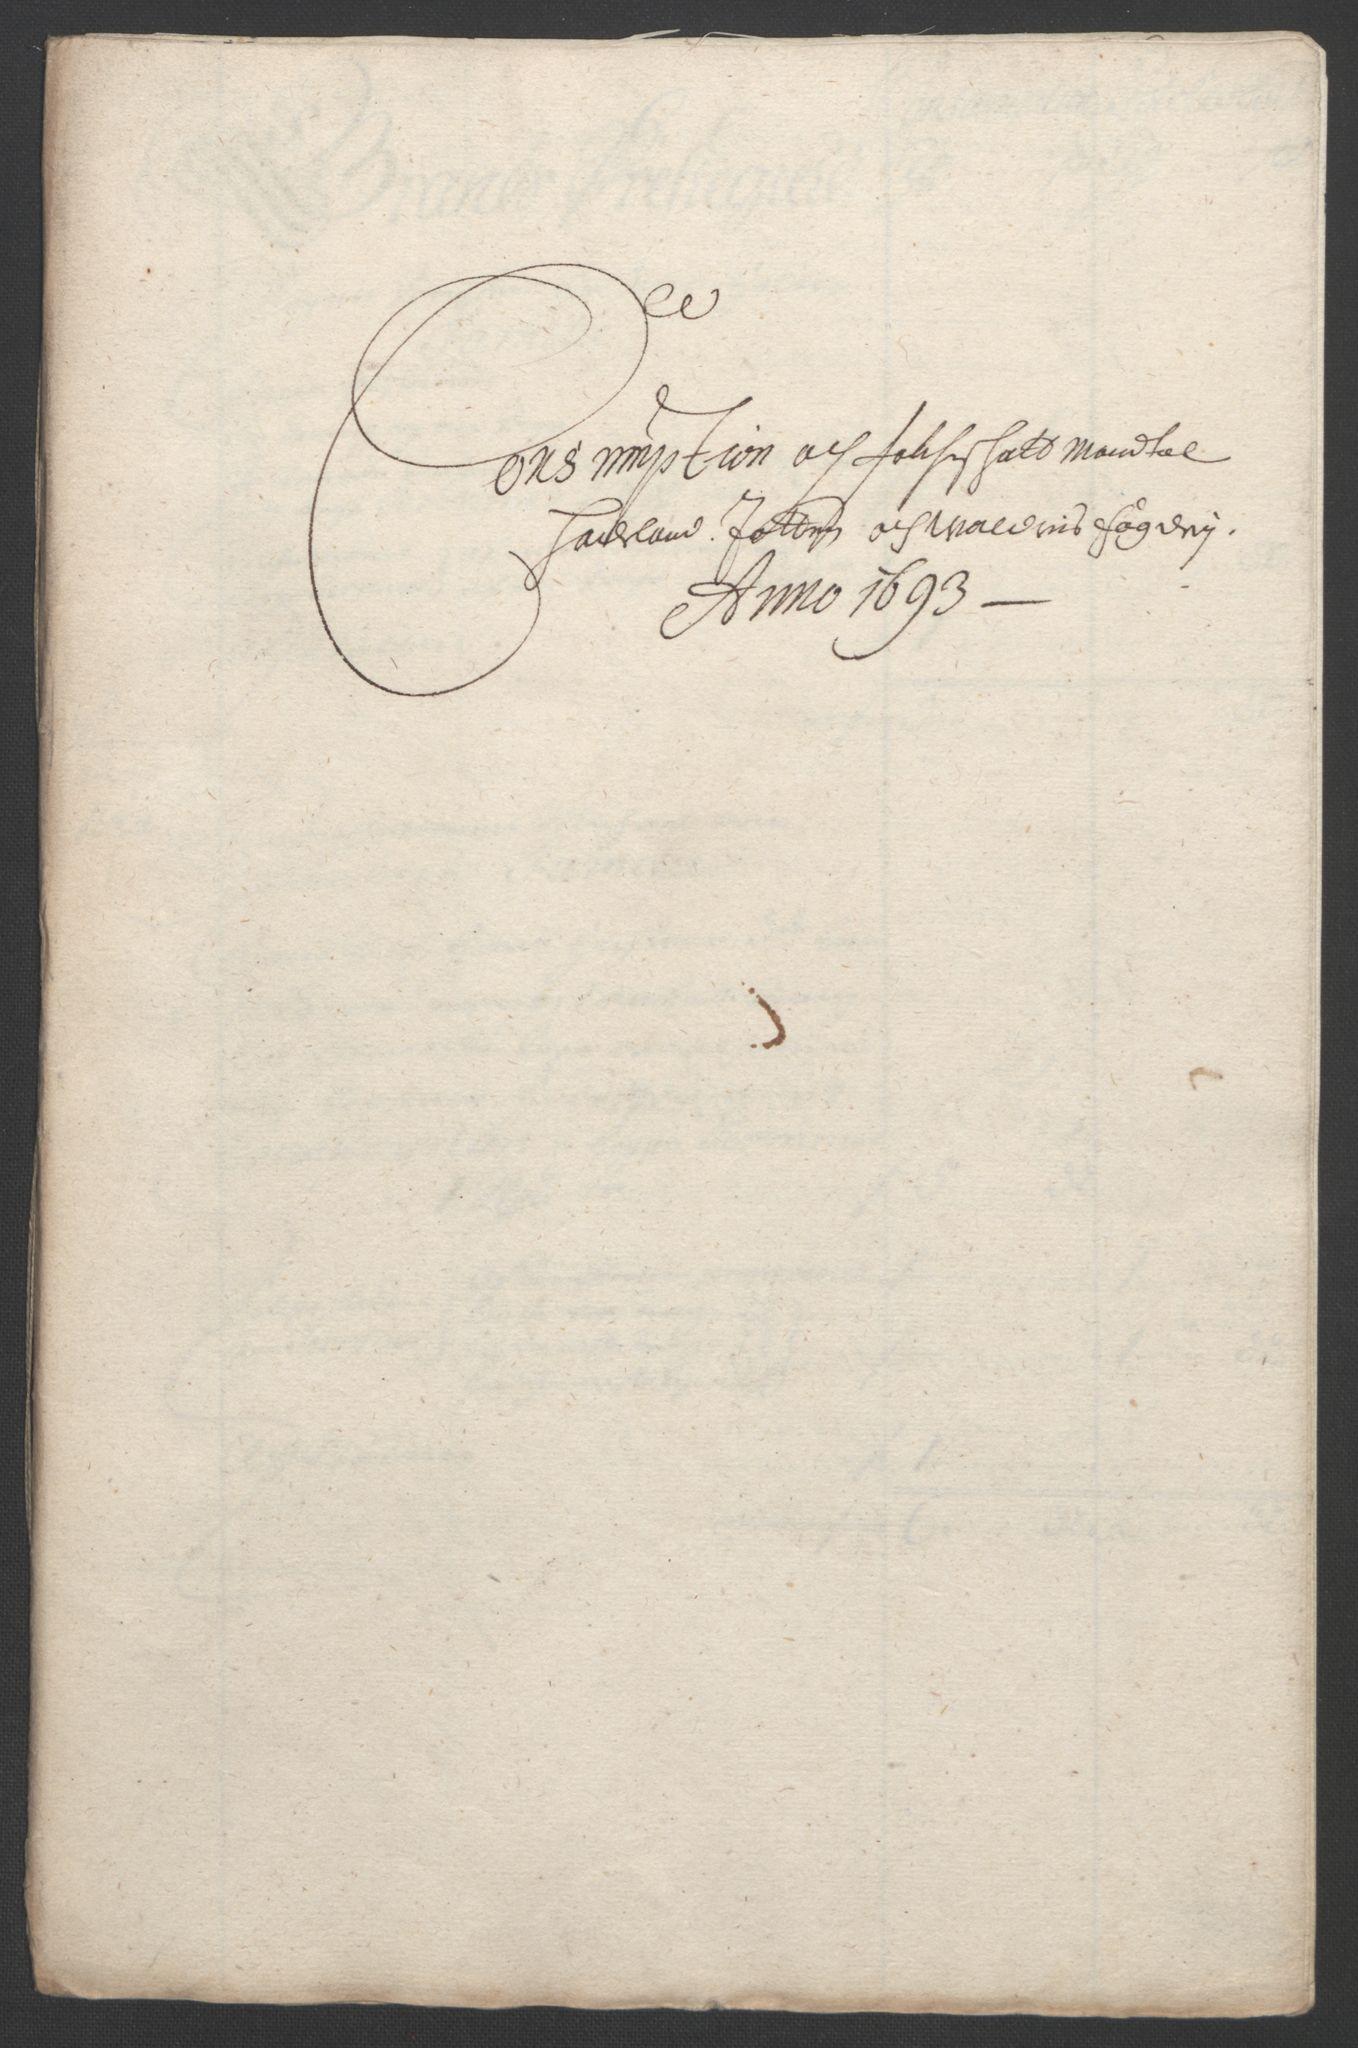 RA, Rentekammeret inntil 1814, Reviderte regnskaper, Fogderegnskap, R18/L1292: Fogderegnskap Hadeland, Toten og Valdres, 1693-1694, s. 128